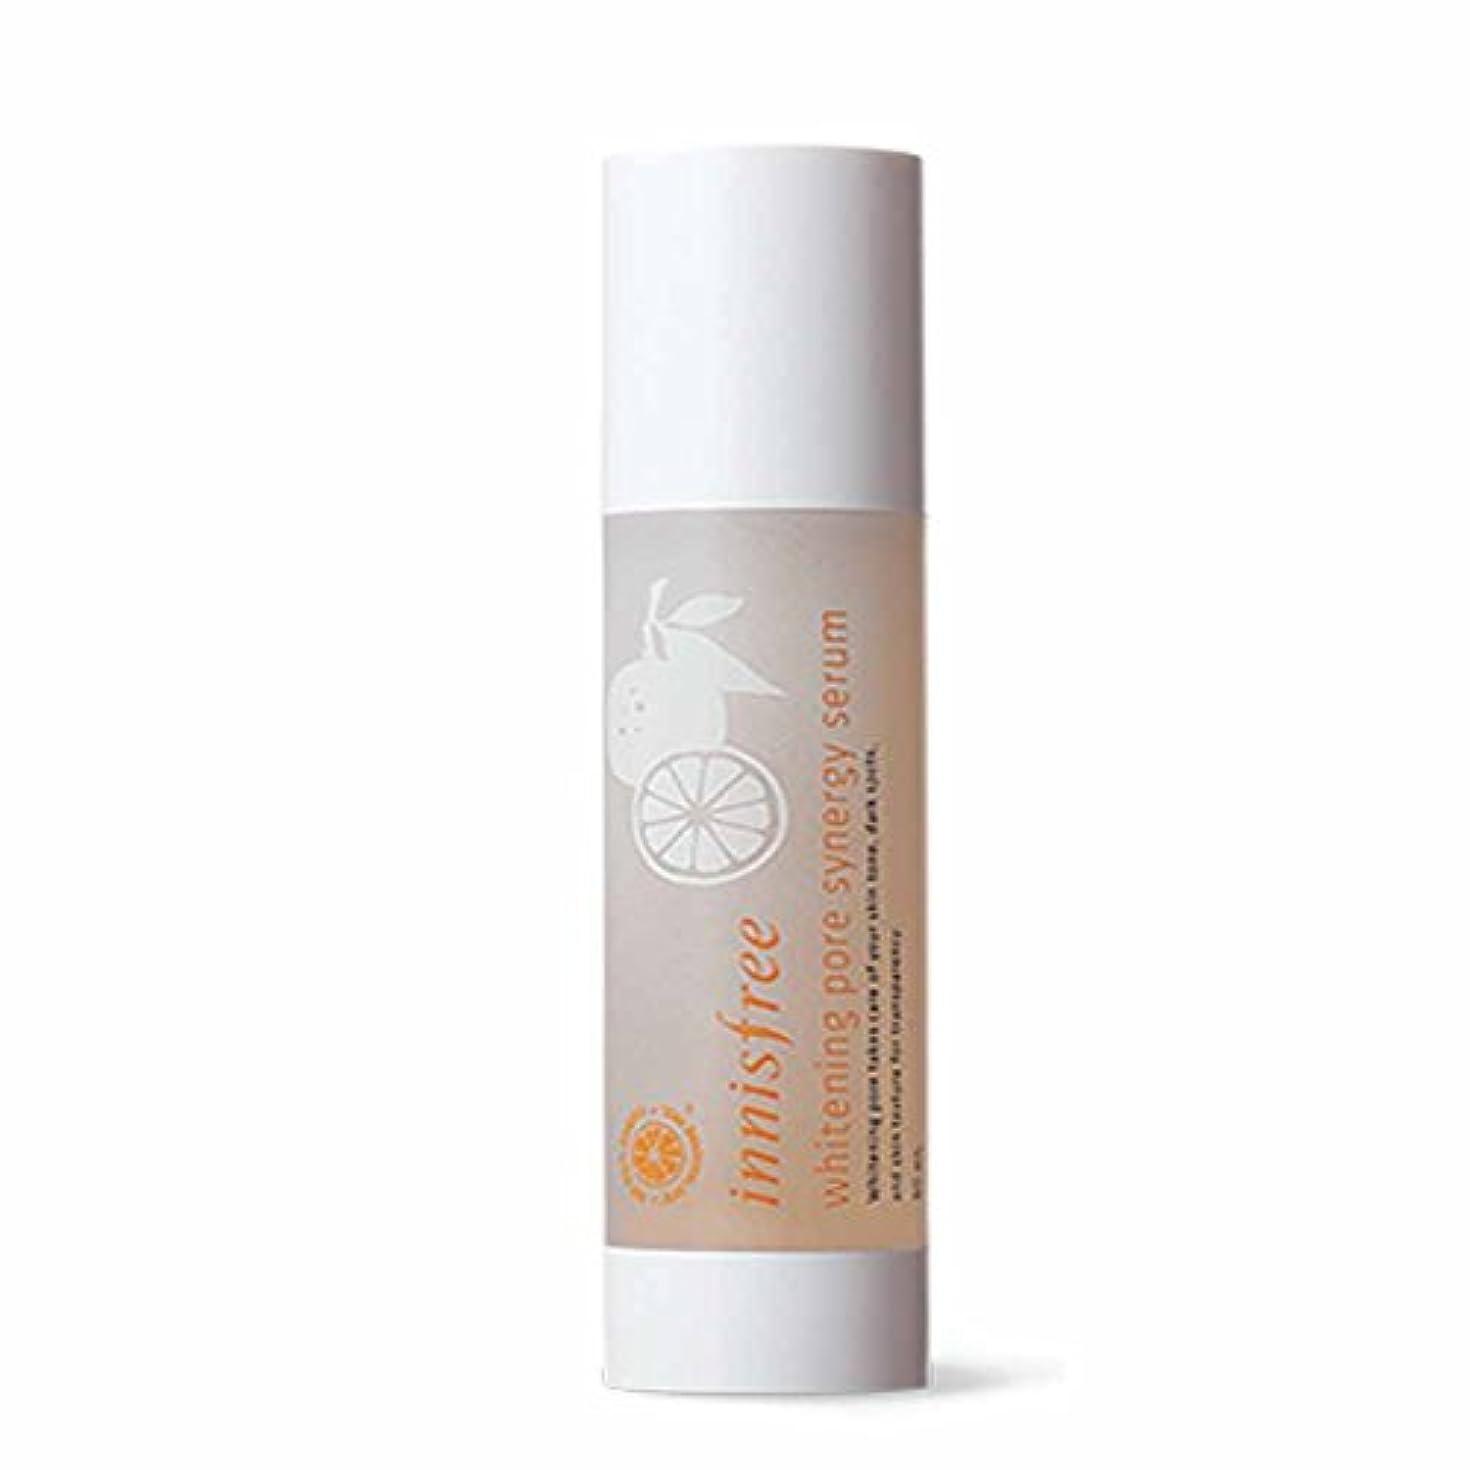 アンプ平野手入れイニスフリーホワイトニングポアシナジーセラム50ml Innisfree Whitening Pore Synergy Serum 50ml[海外直送品][並行輸入品]